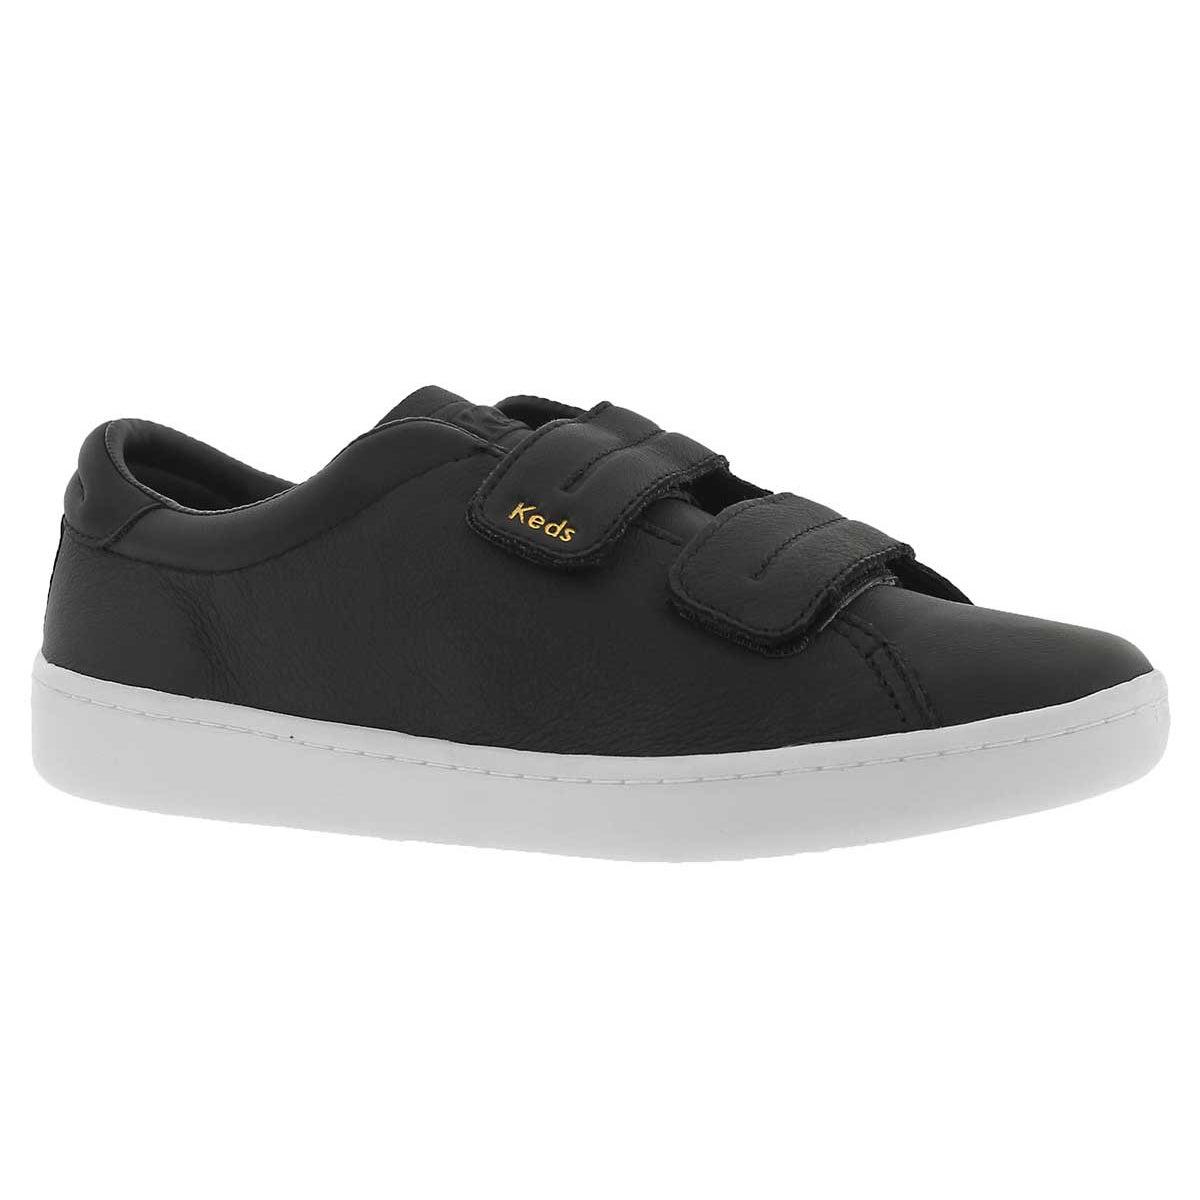 Women's ACE black hook & loop leather sneakers